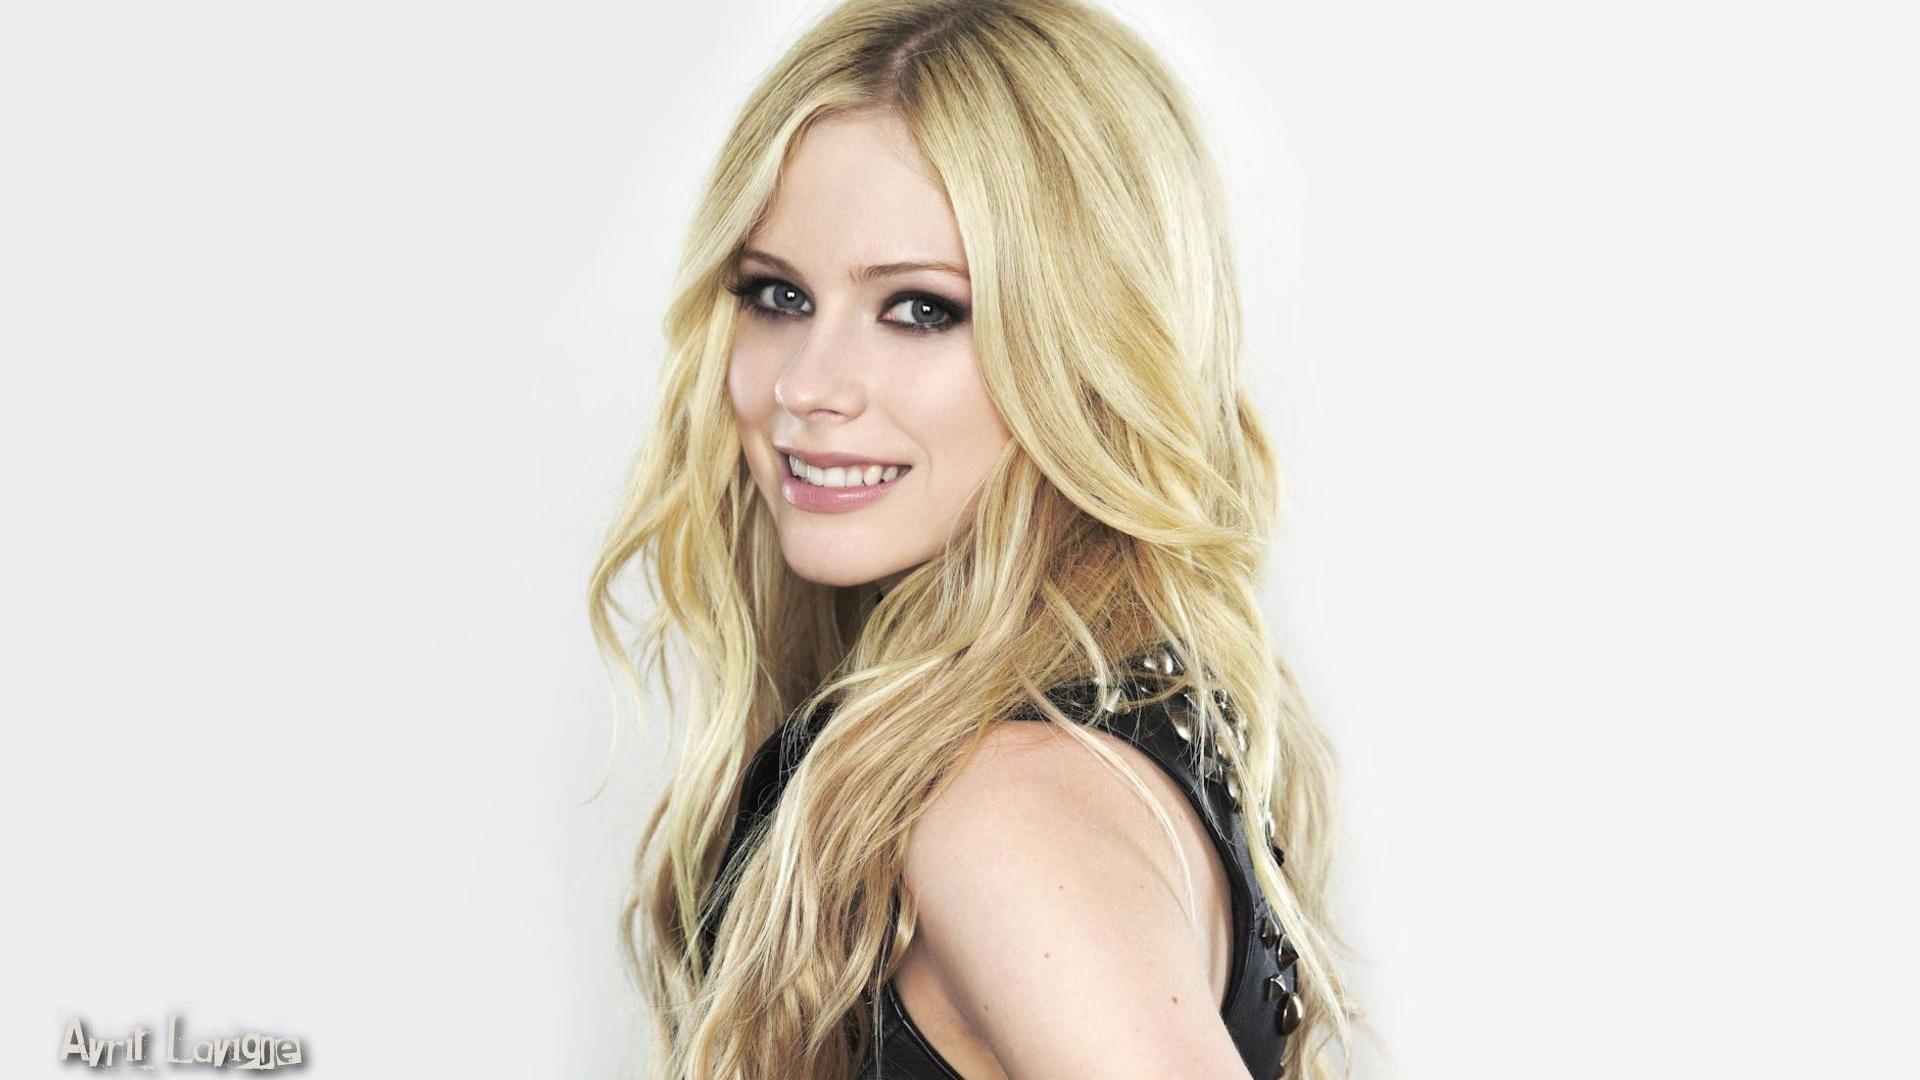 Avril-Lavigne-02_1920x1080.jpg Avril Lavigne